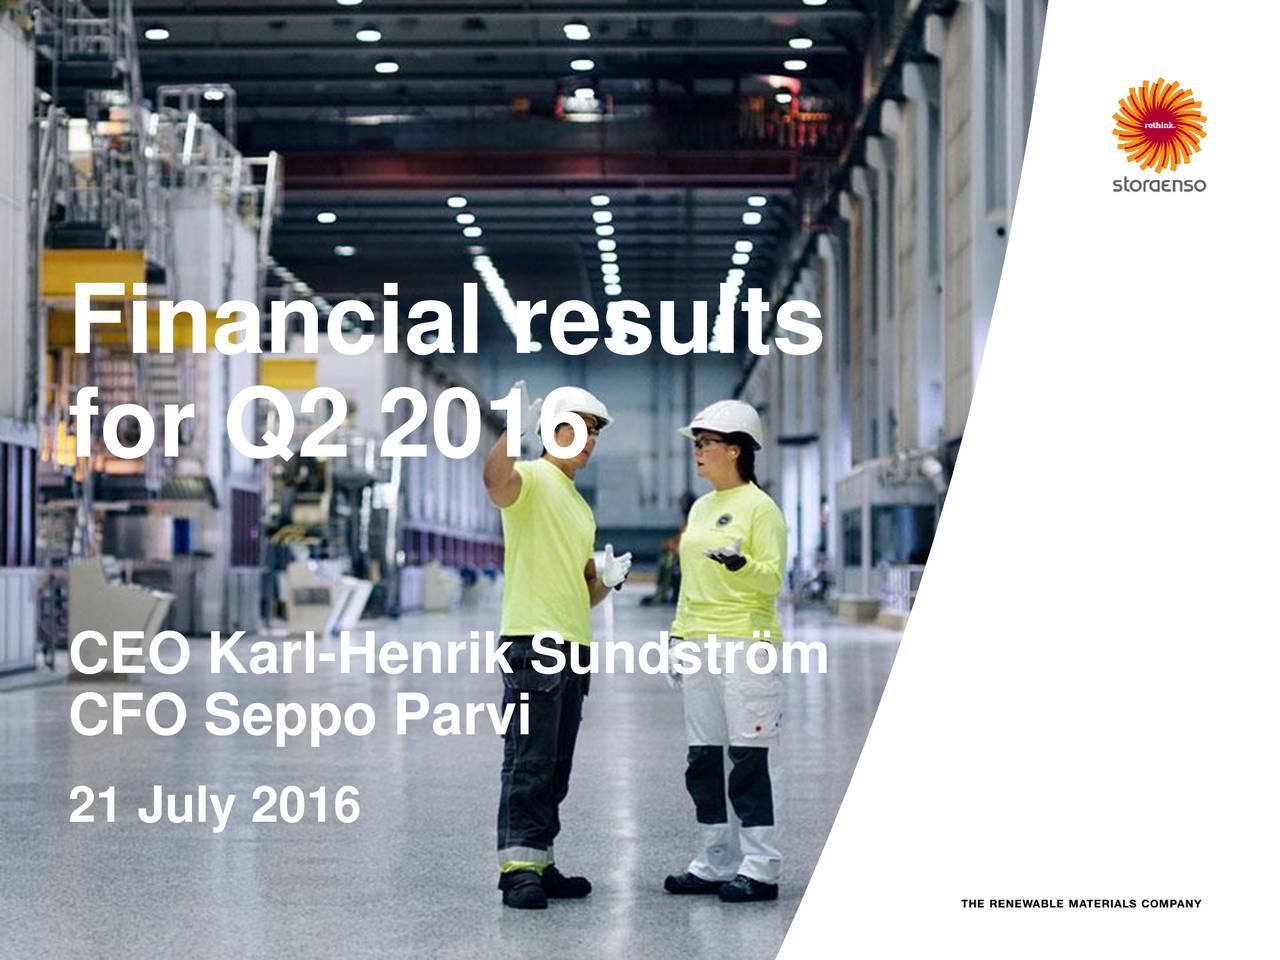 for Q2 2016 CEO Karl-Henrik Sundstrm CFO Seppo Parvi 21 July 2016